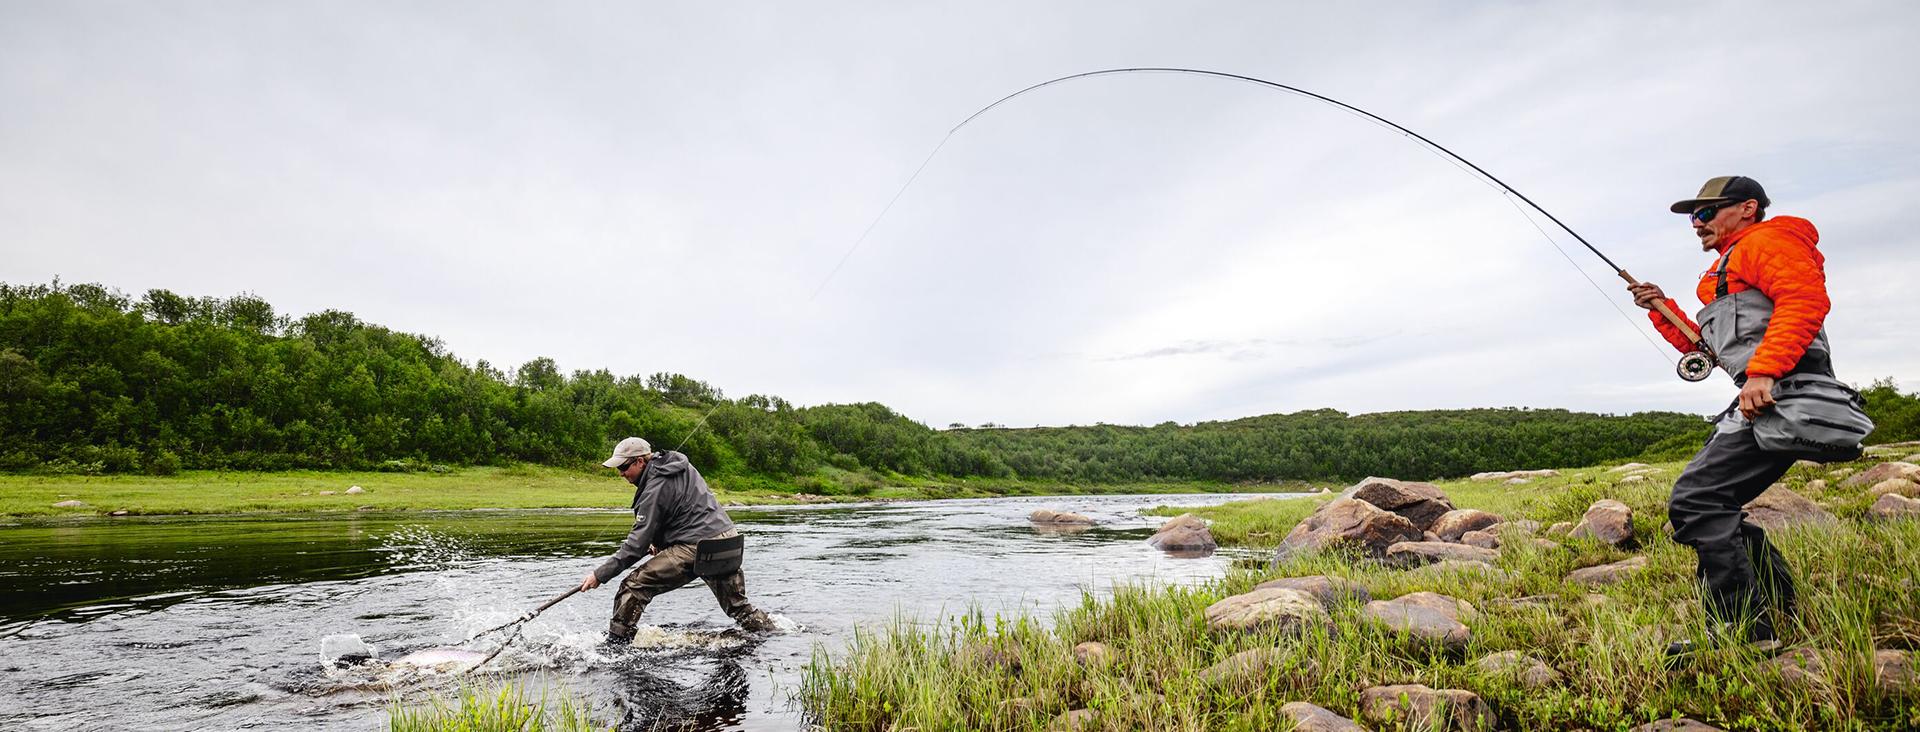 Patagonia Flyfishing